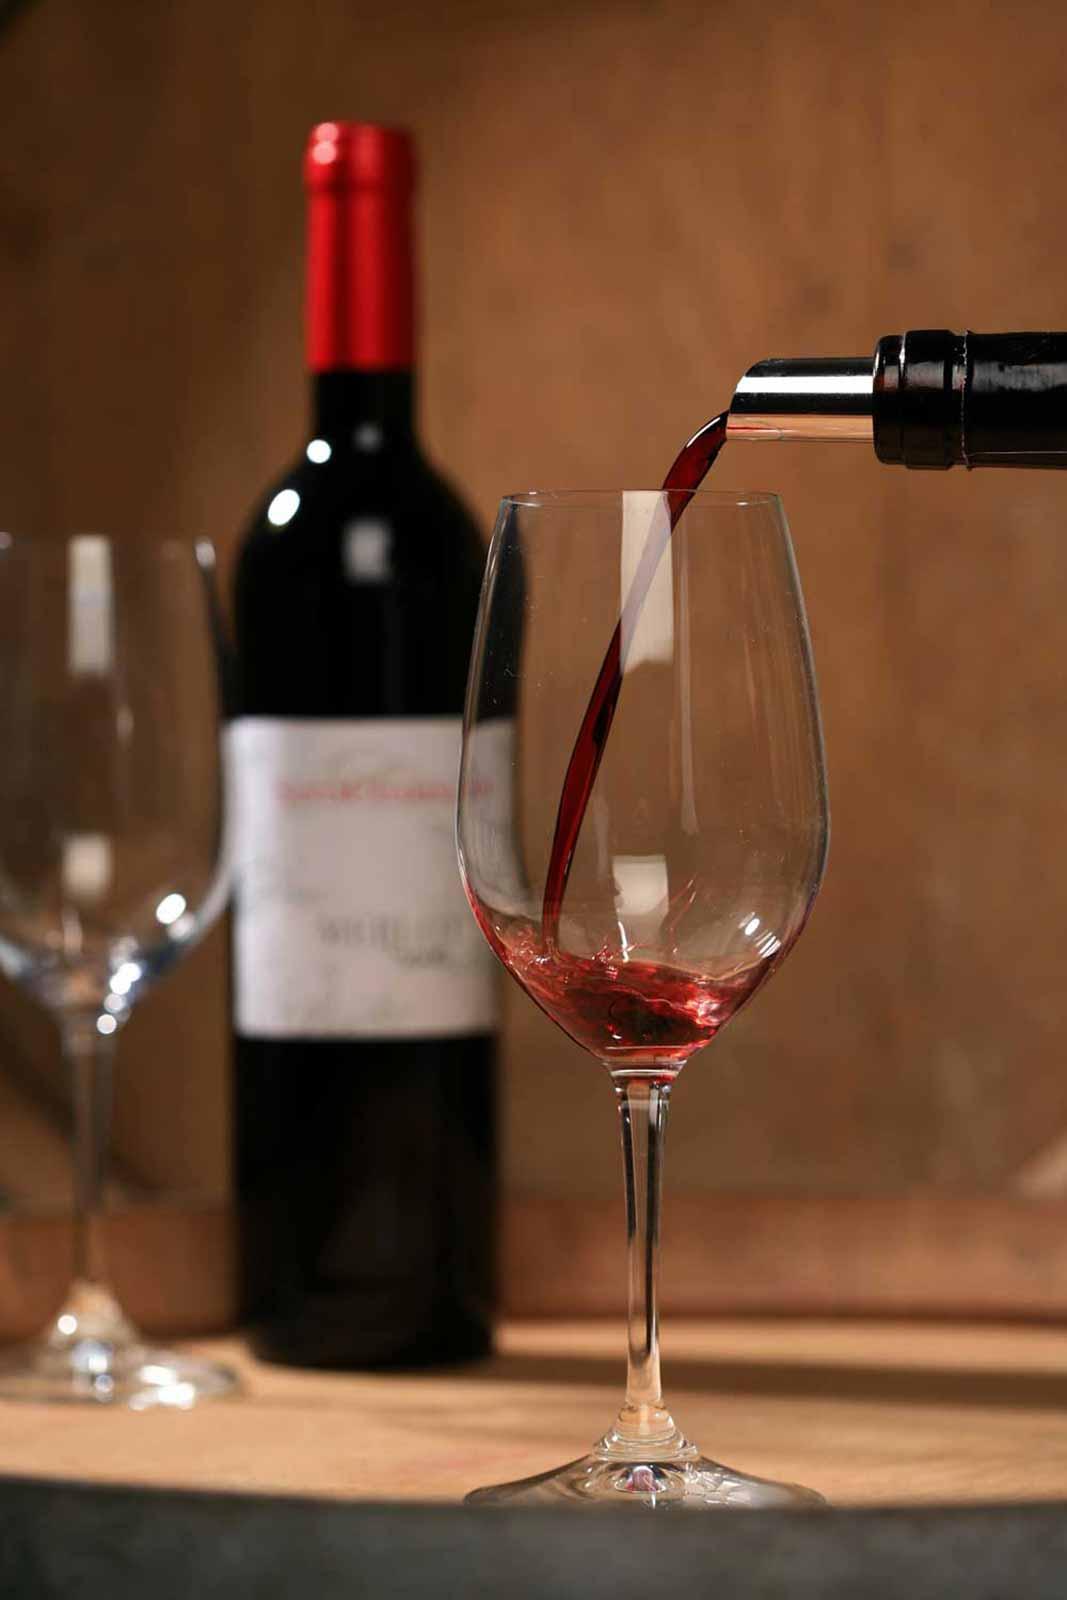 Weingut-Besuch-Mallorca-Weinprobe-Mallorca-5